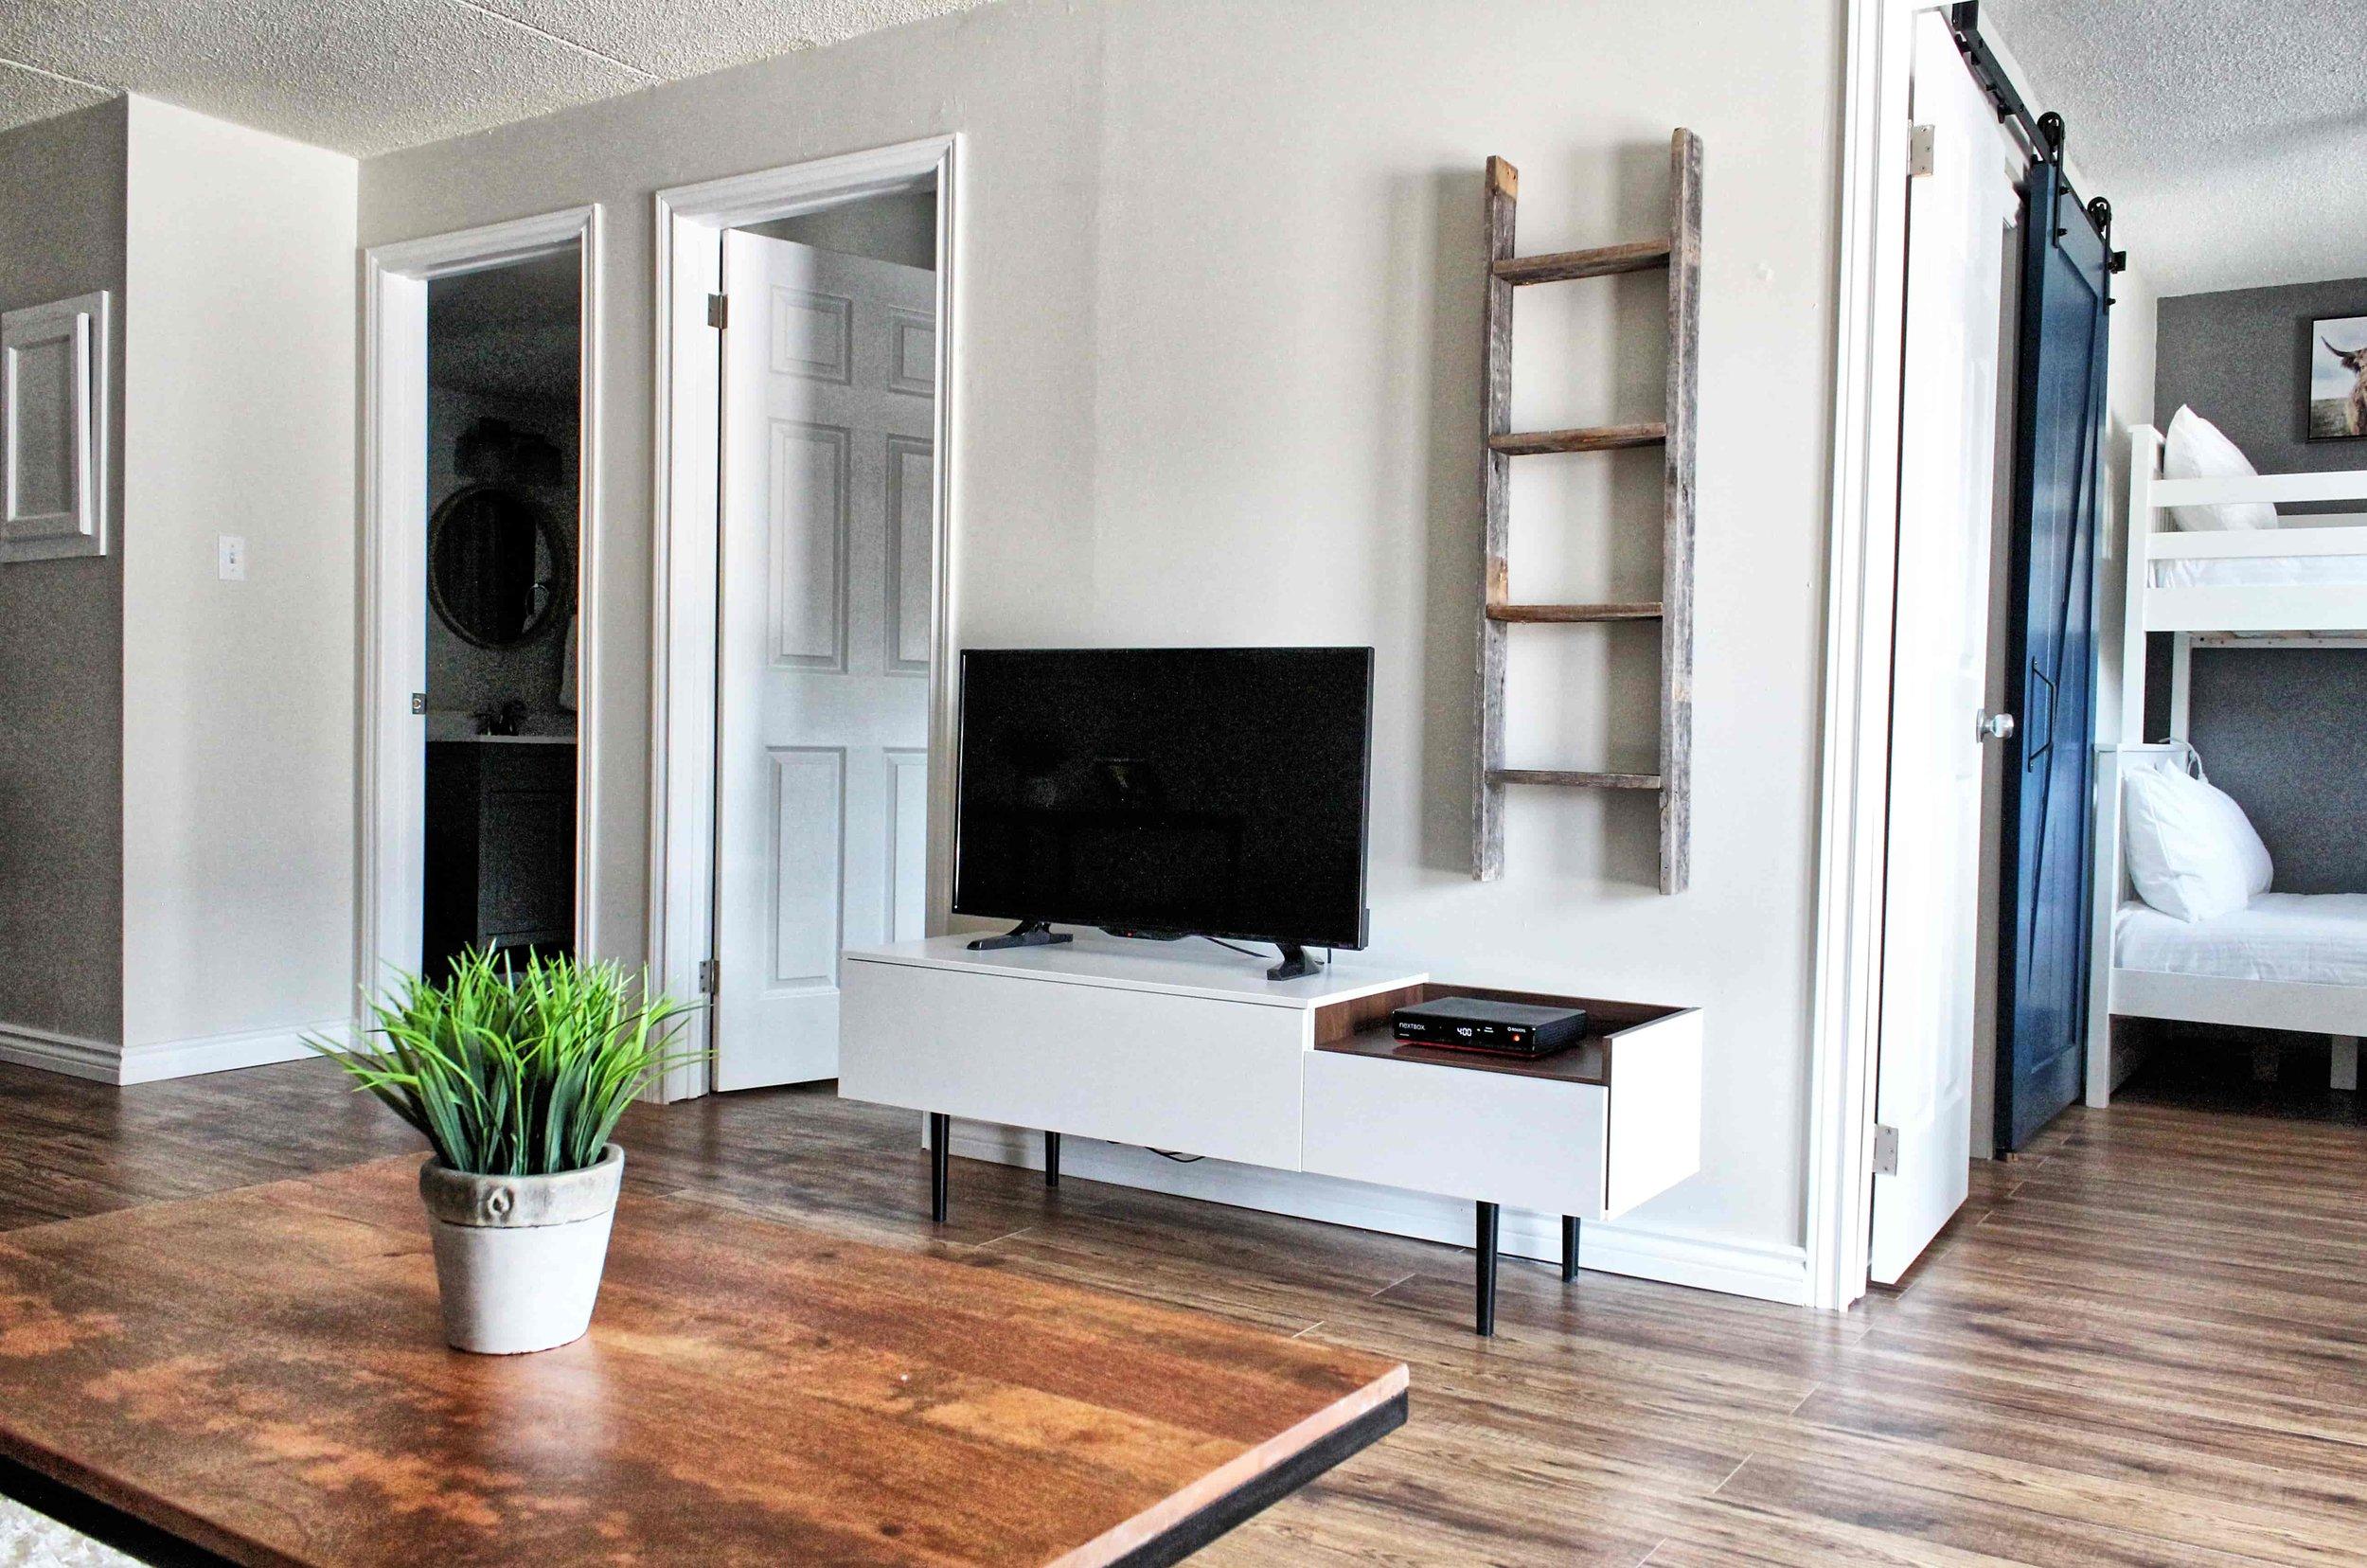 05 Living Room - TV wall-min.jpg